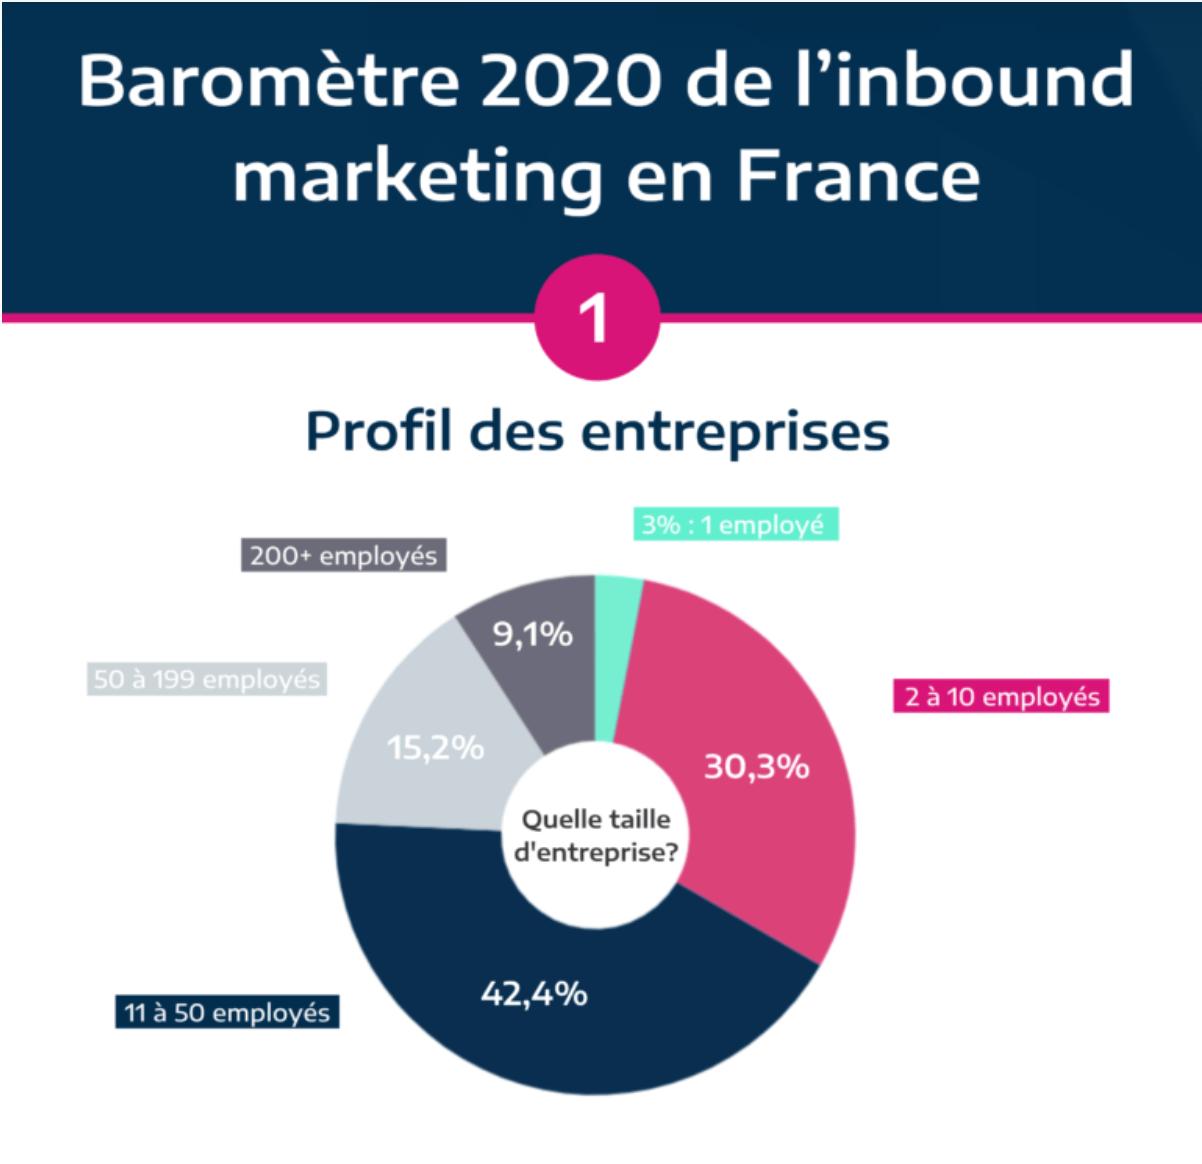 infographie Plezi présentant les statistiques de l'inbound marketing en France en 2020